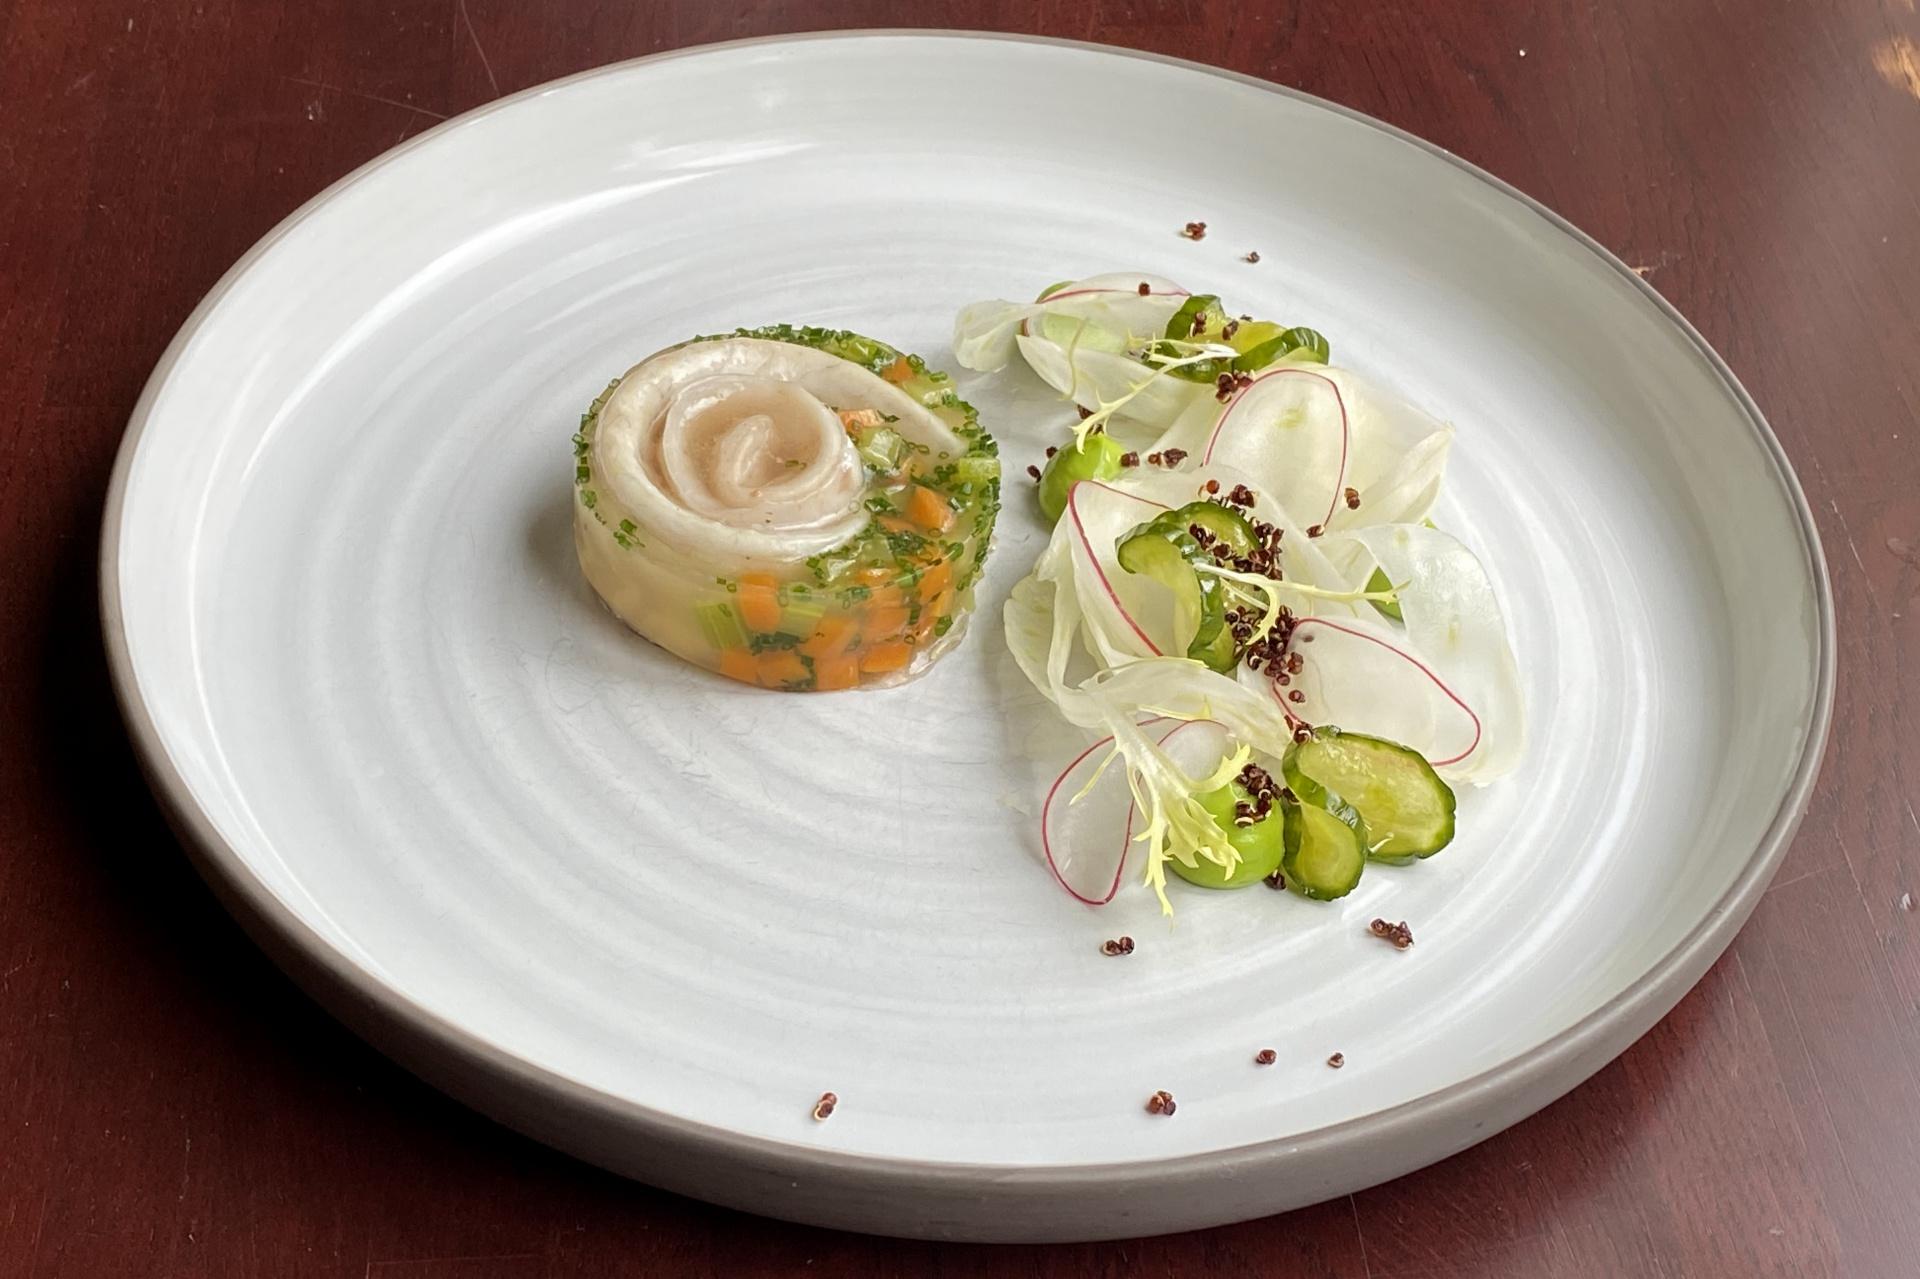 Mořský vlk v želé, fenykl, ředkvičky, petrželkový krém a marinované salátové okurky